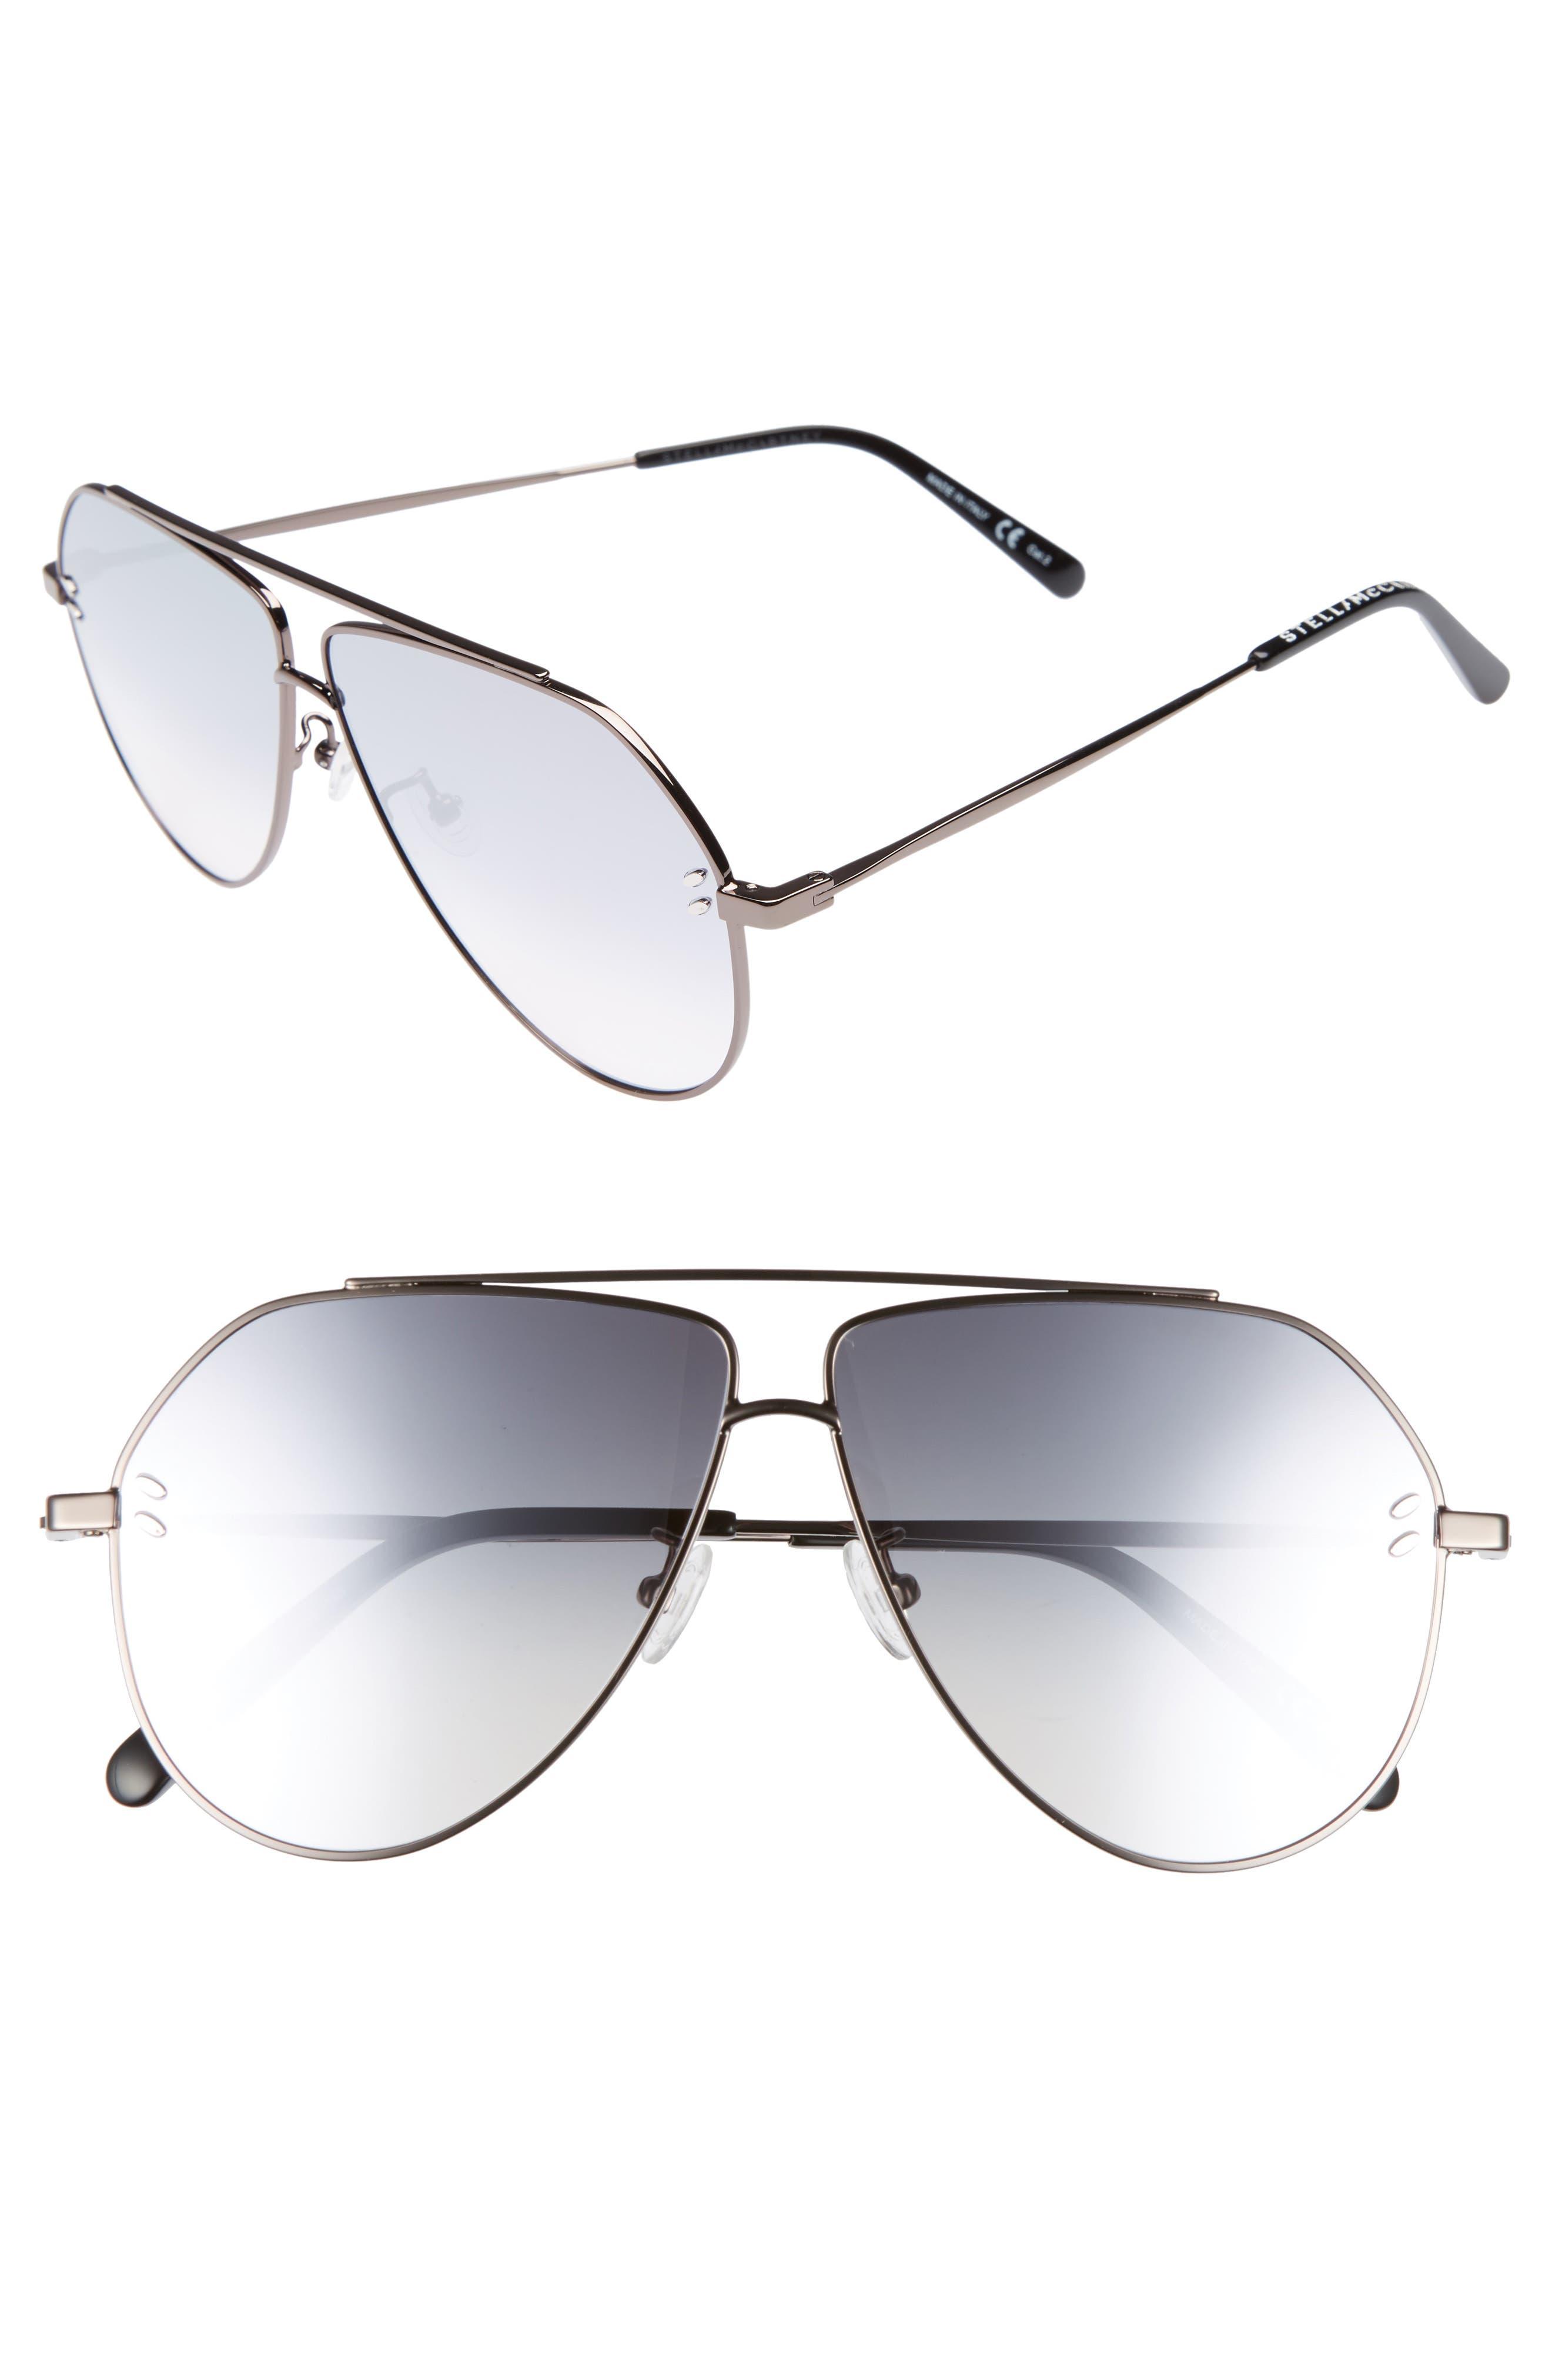 60mm Aviator Sunglasses,                             Main thumbnail 1, color,                             Ruthenium